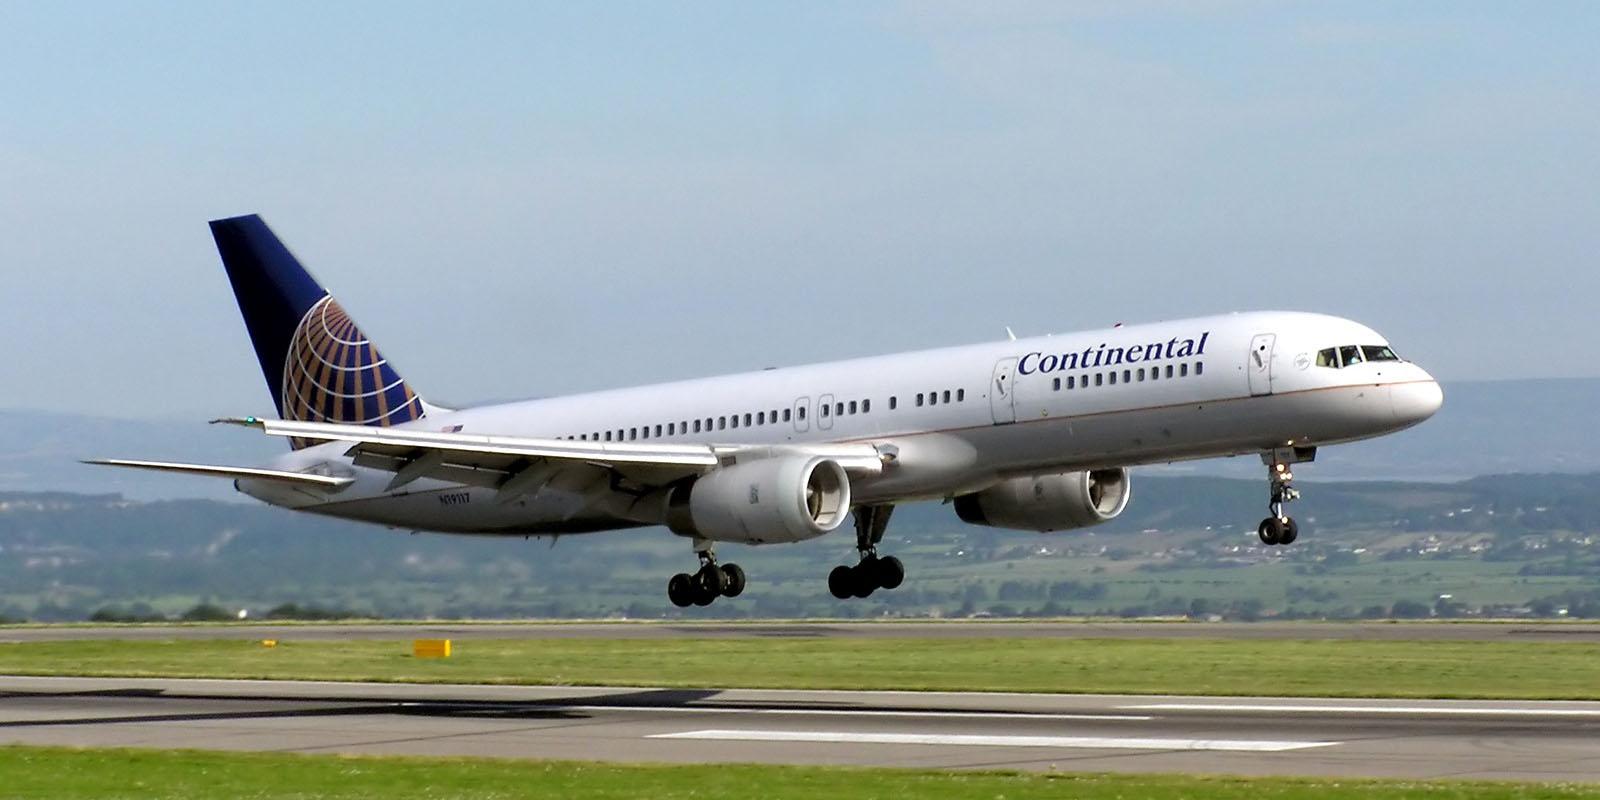 فاینانس چینی برای تامین هواپیمای برجامی